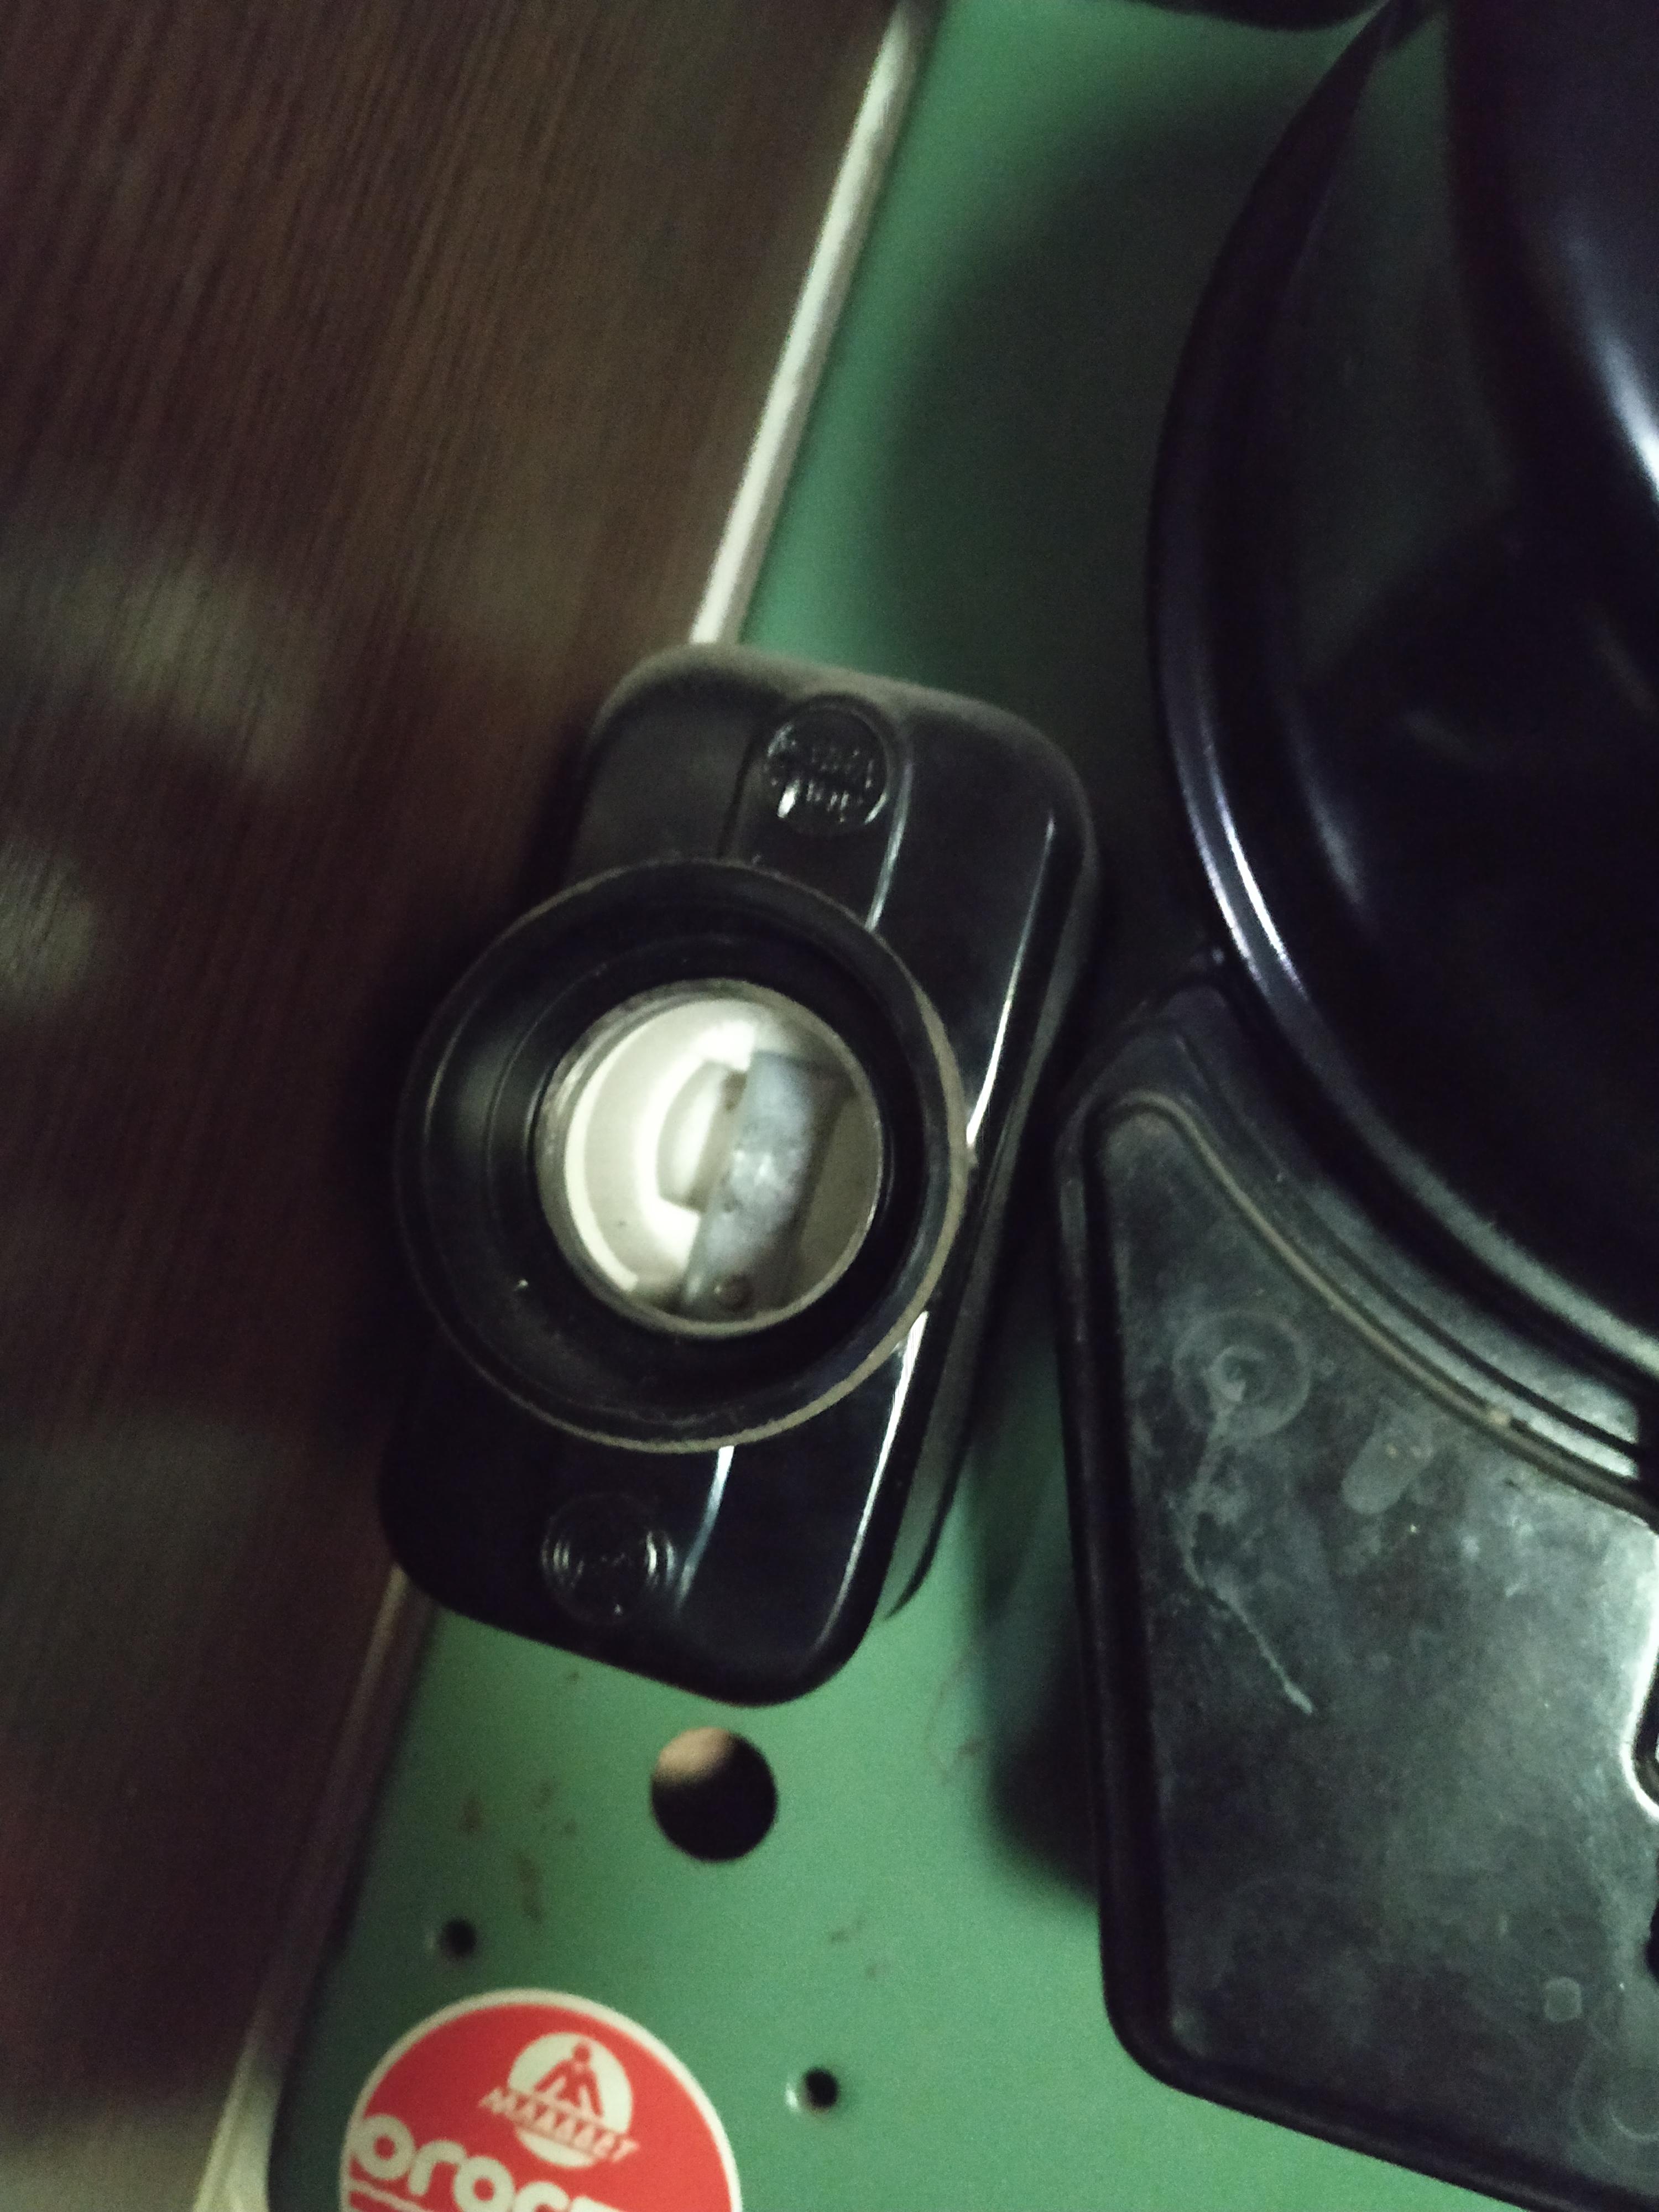 Фото Демонтировать две пробки возле счетчика,  (естественно не задевая никакие пломбы, если пломбы установлены так что без их распломбирования  работу выполнить невозможно, то за такую работу не берусть, так как пломбы на счетчике могут распломбировать только сотрудники энергетического обьединения) вместо них установить автоматы в коробках и закрепить их.